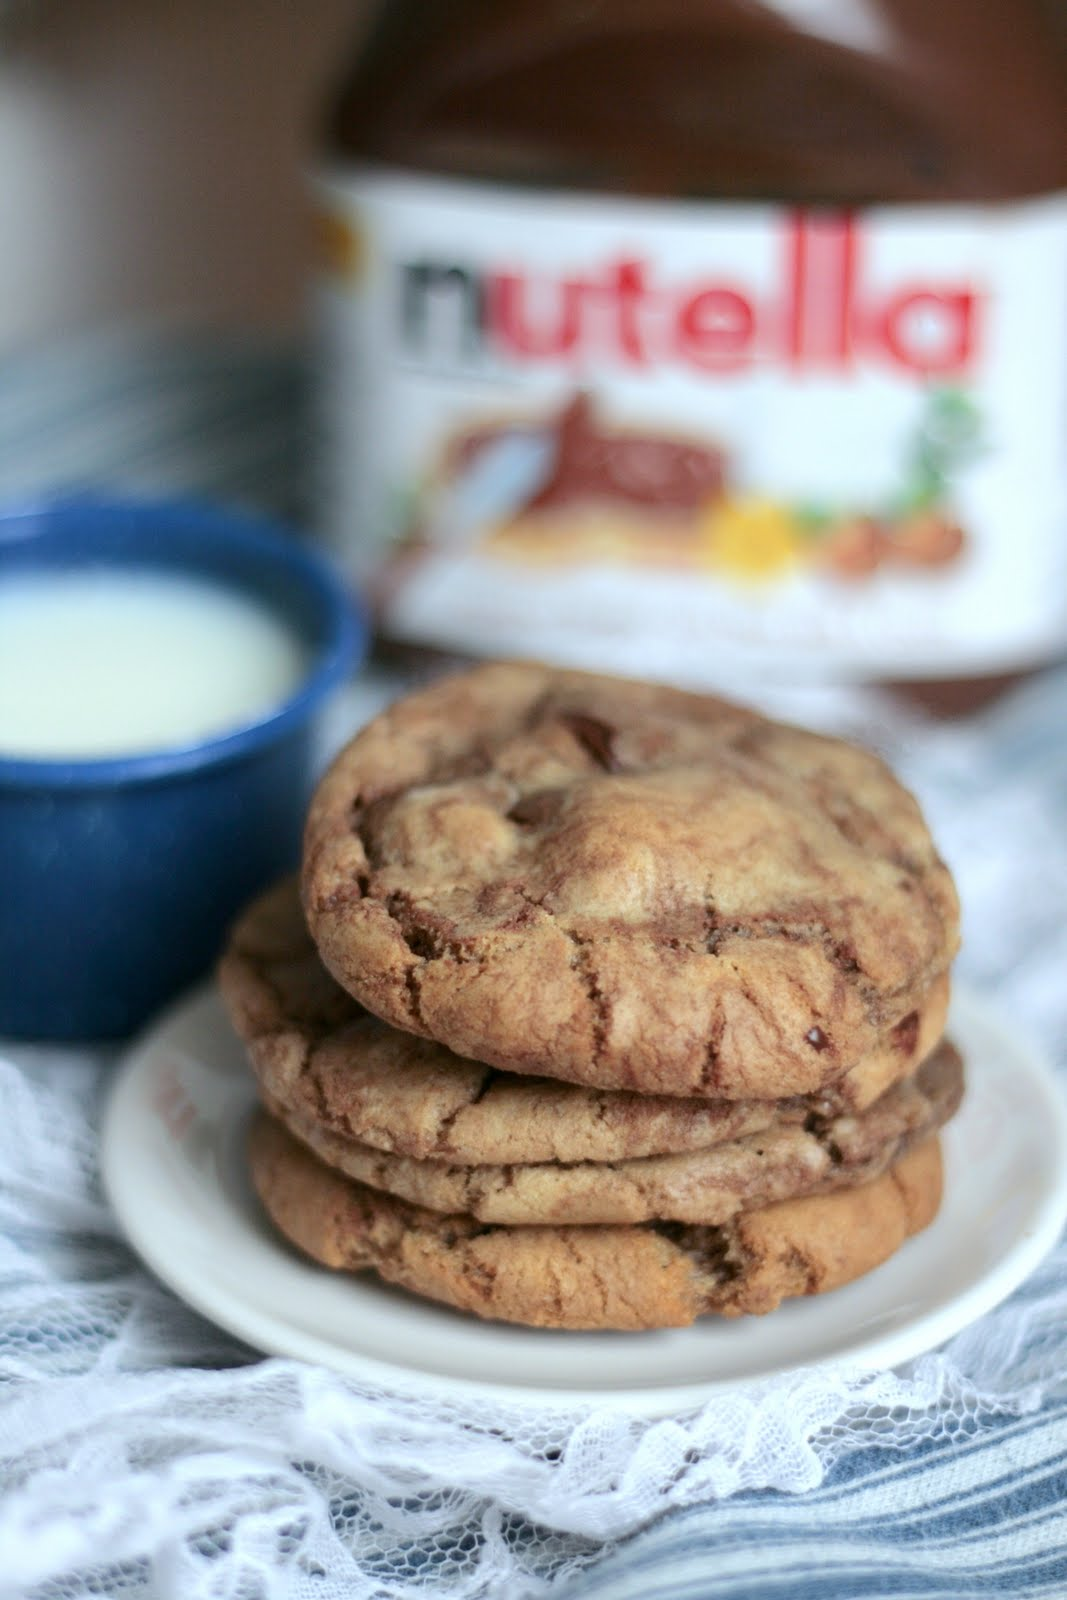 Indigo Scones: Nutella Chocolate Chip Cookies, Perfected